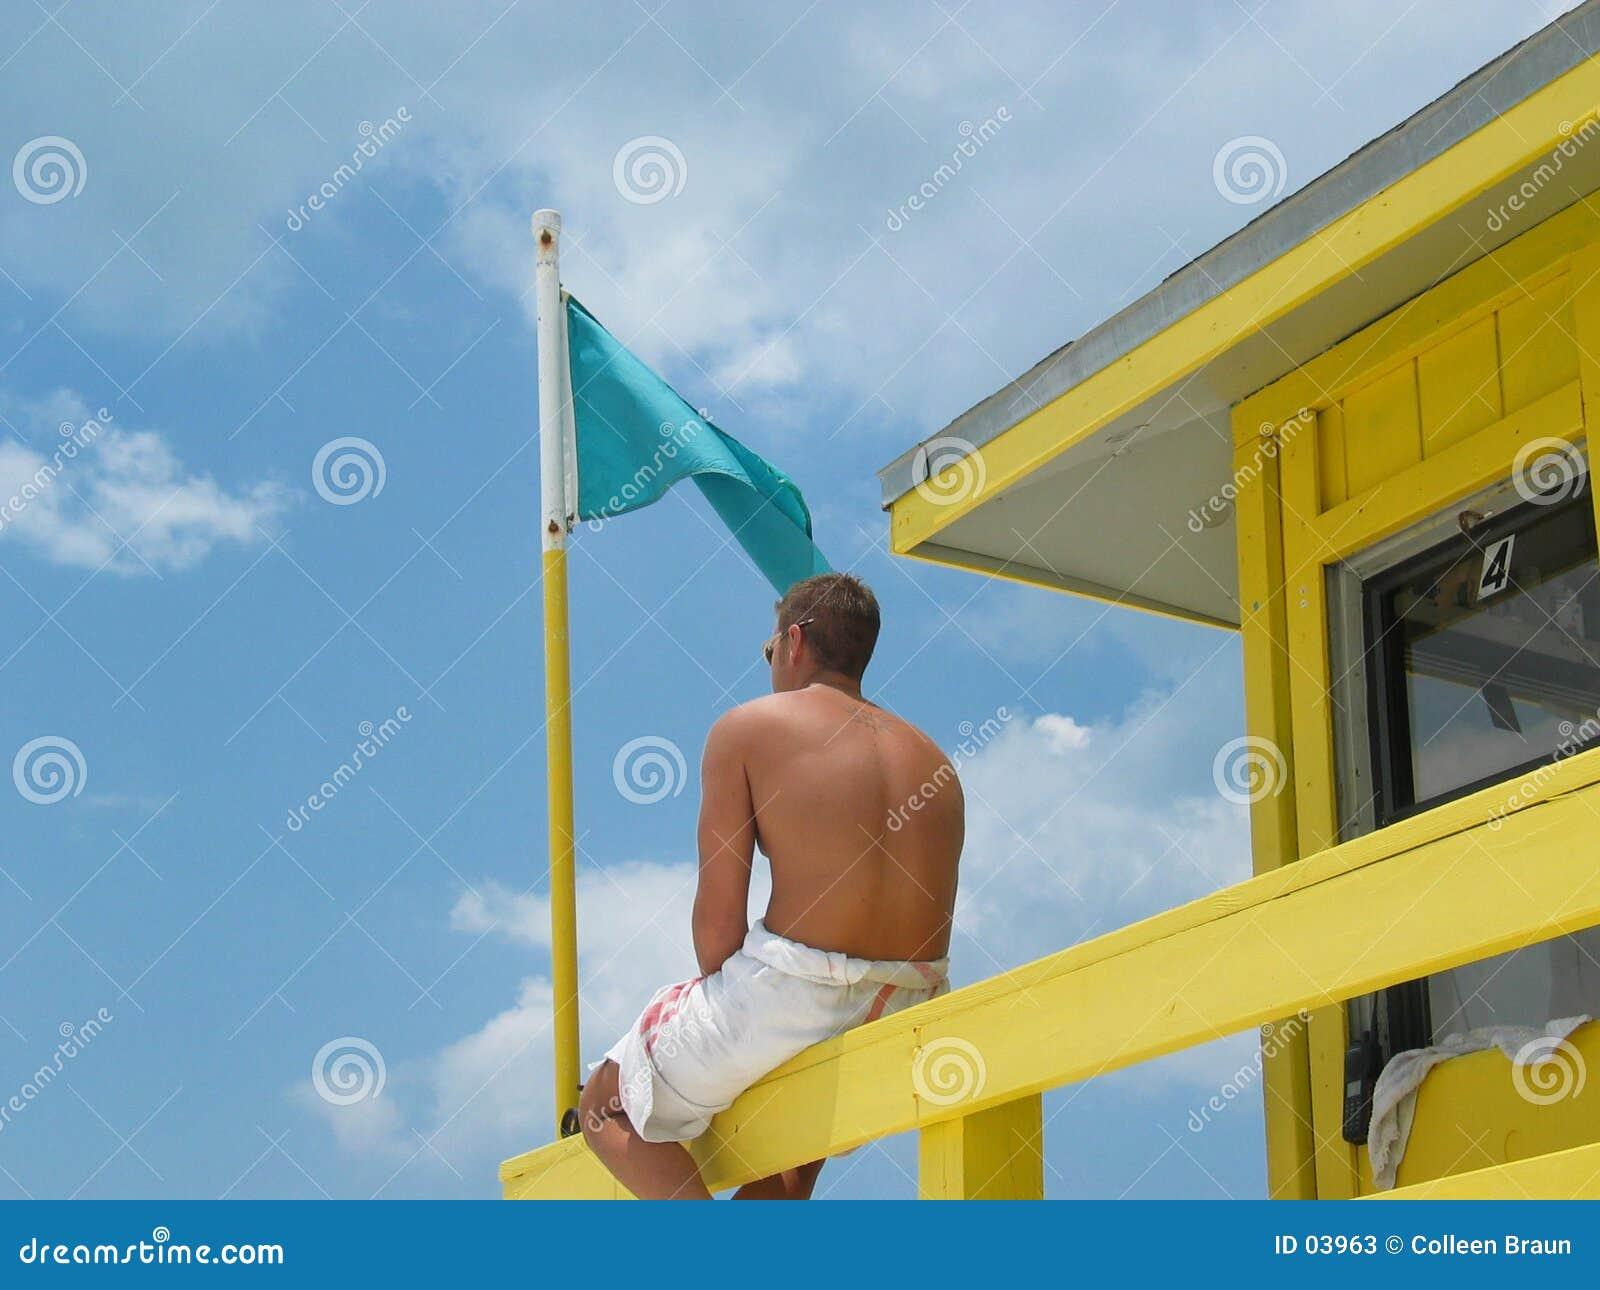 Tower - lifeguard